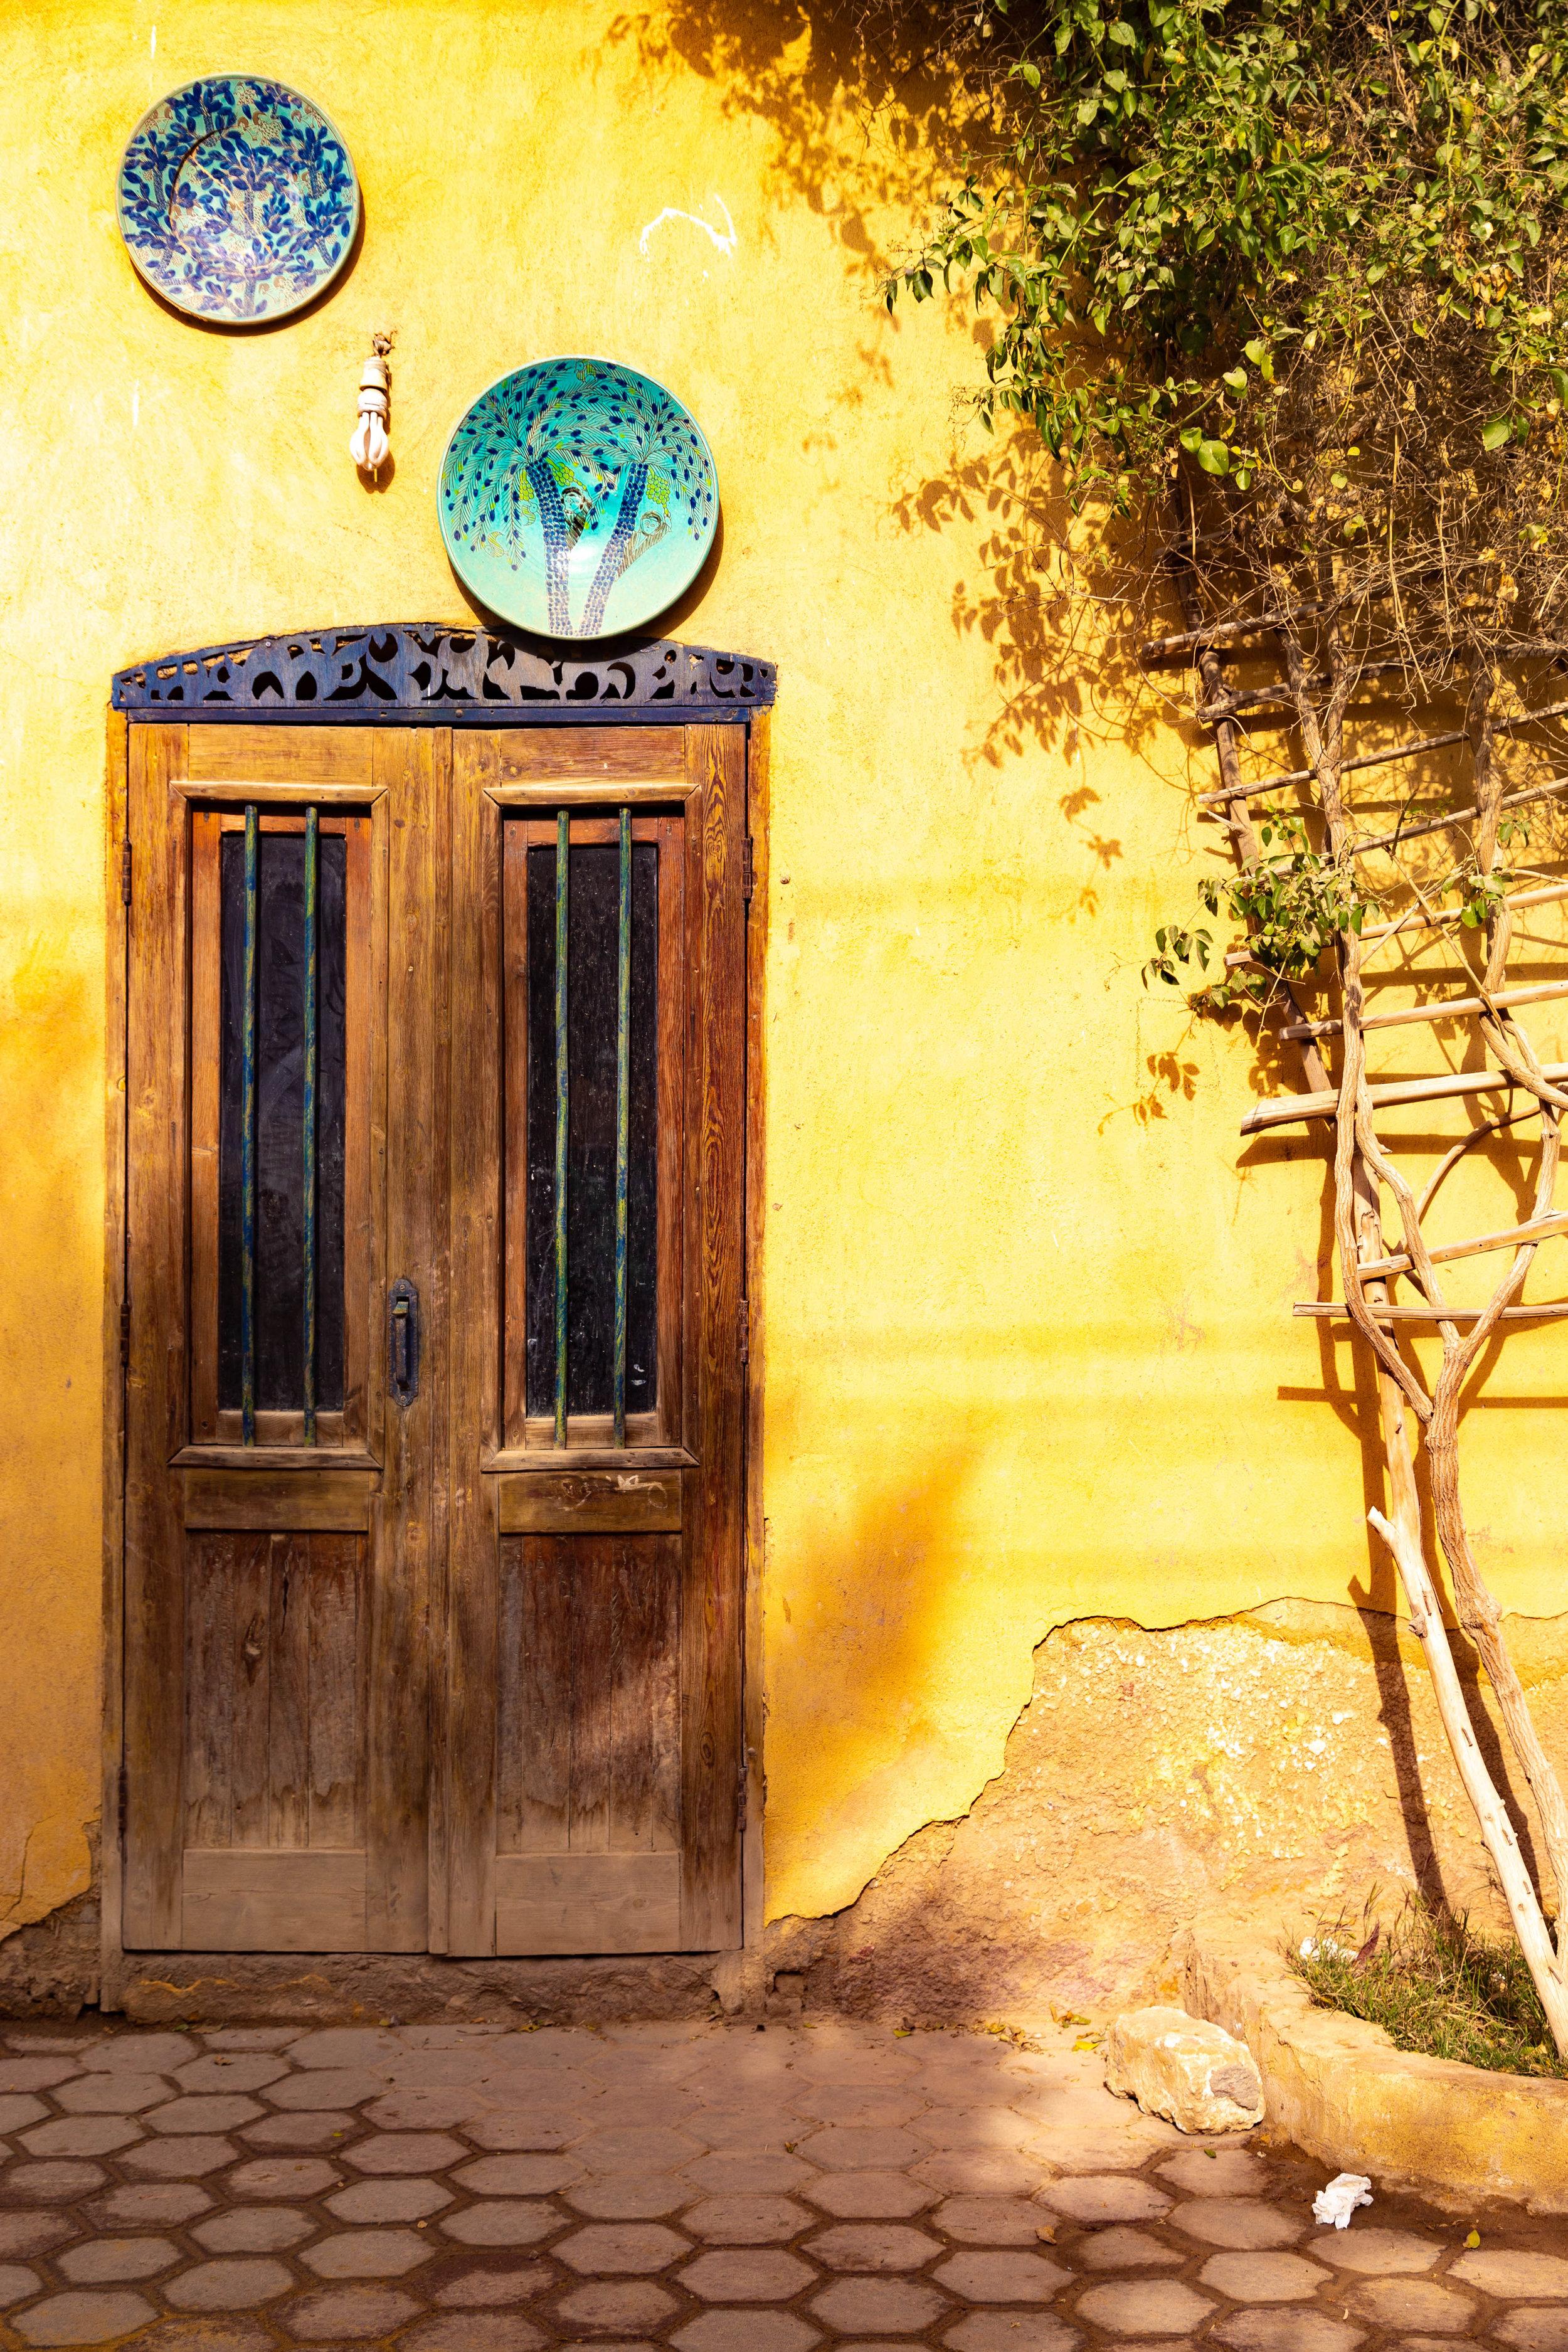 A charming doorway in Tunis Village